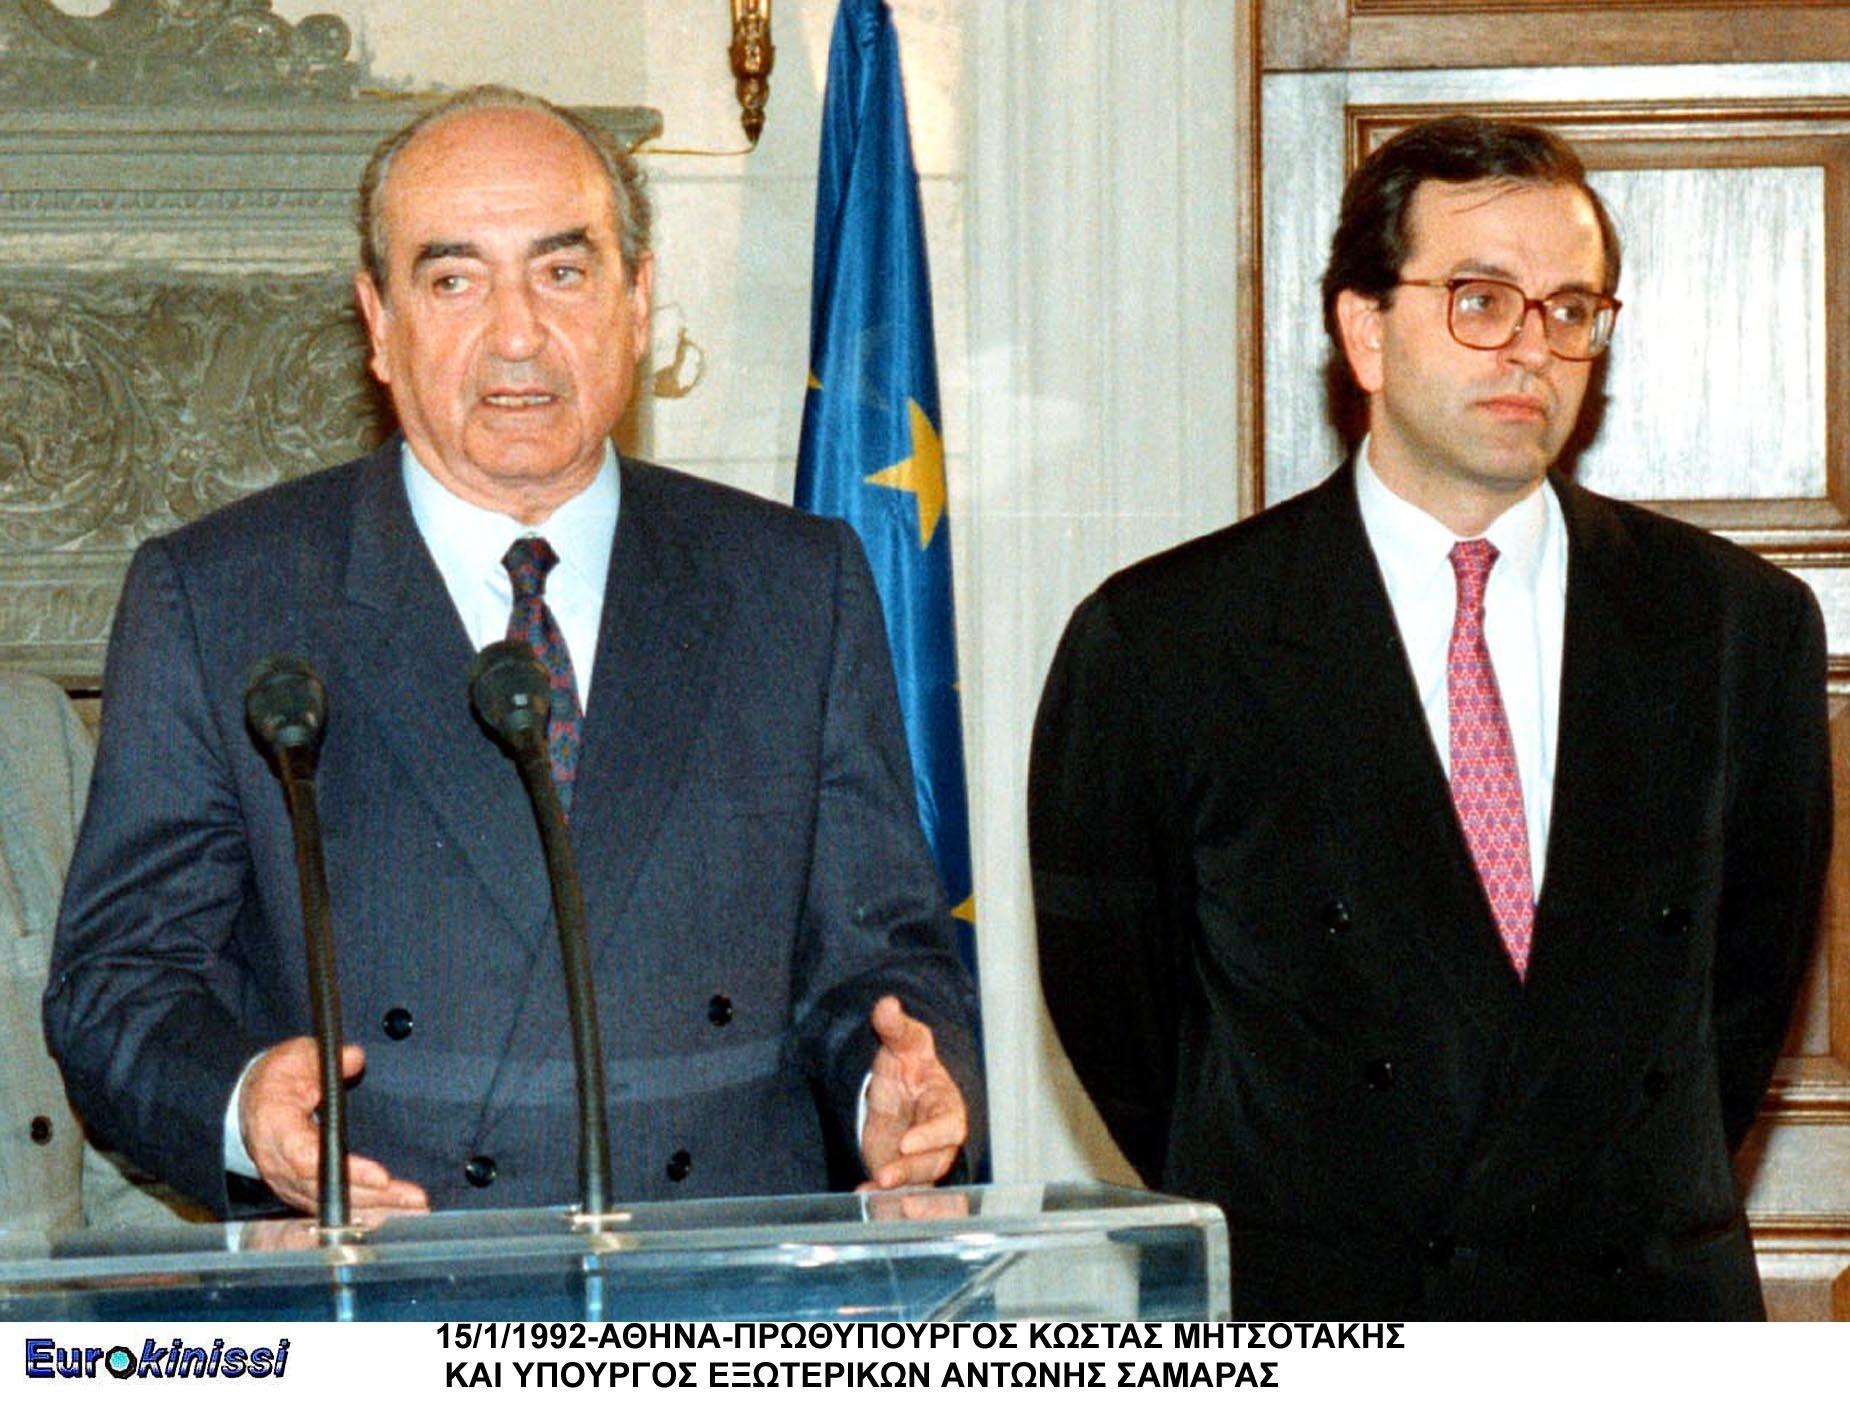 Οι βασικότερες στιγμές της διαμάχης Ελλάδας - πΓΔΜ για το ονοματολογικό από το 1991 έως